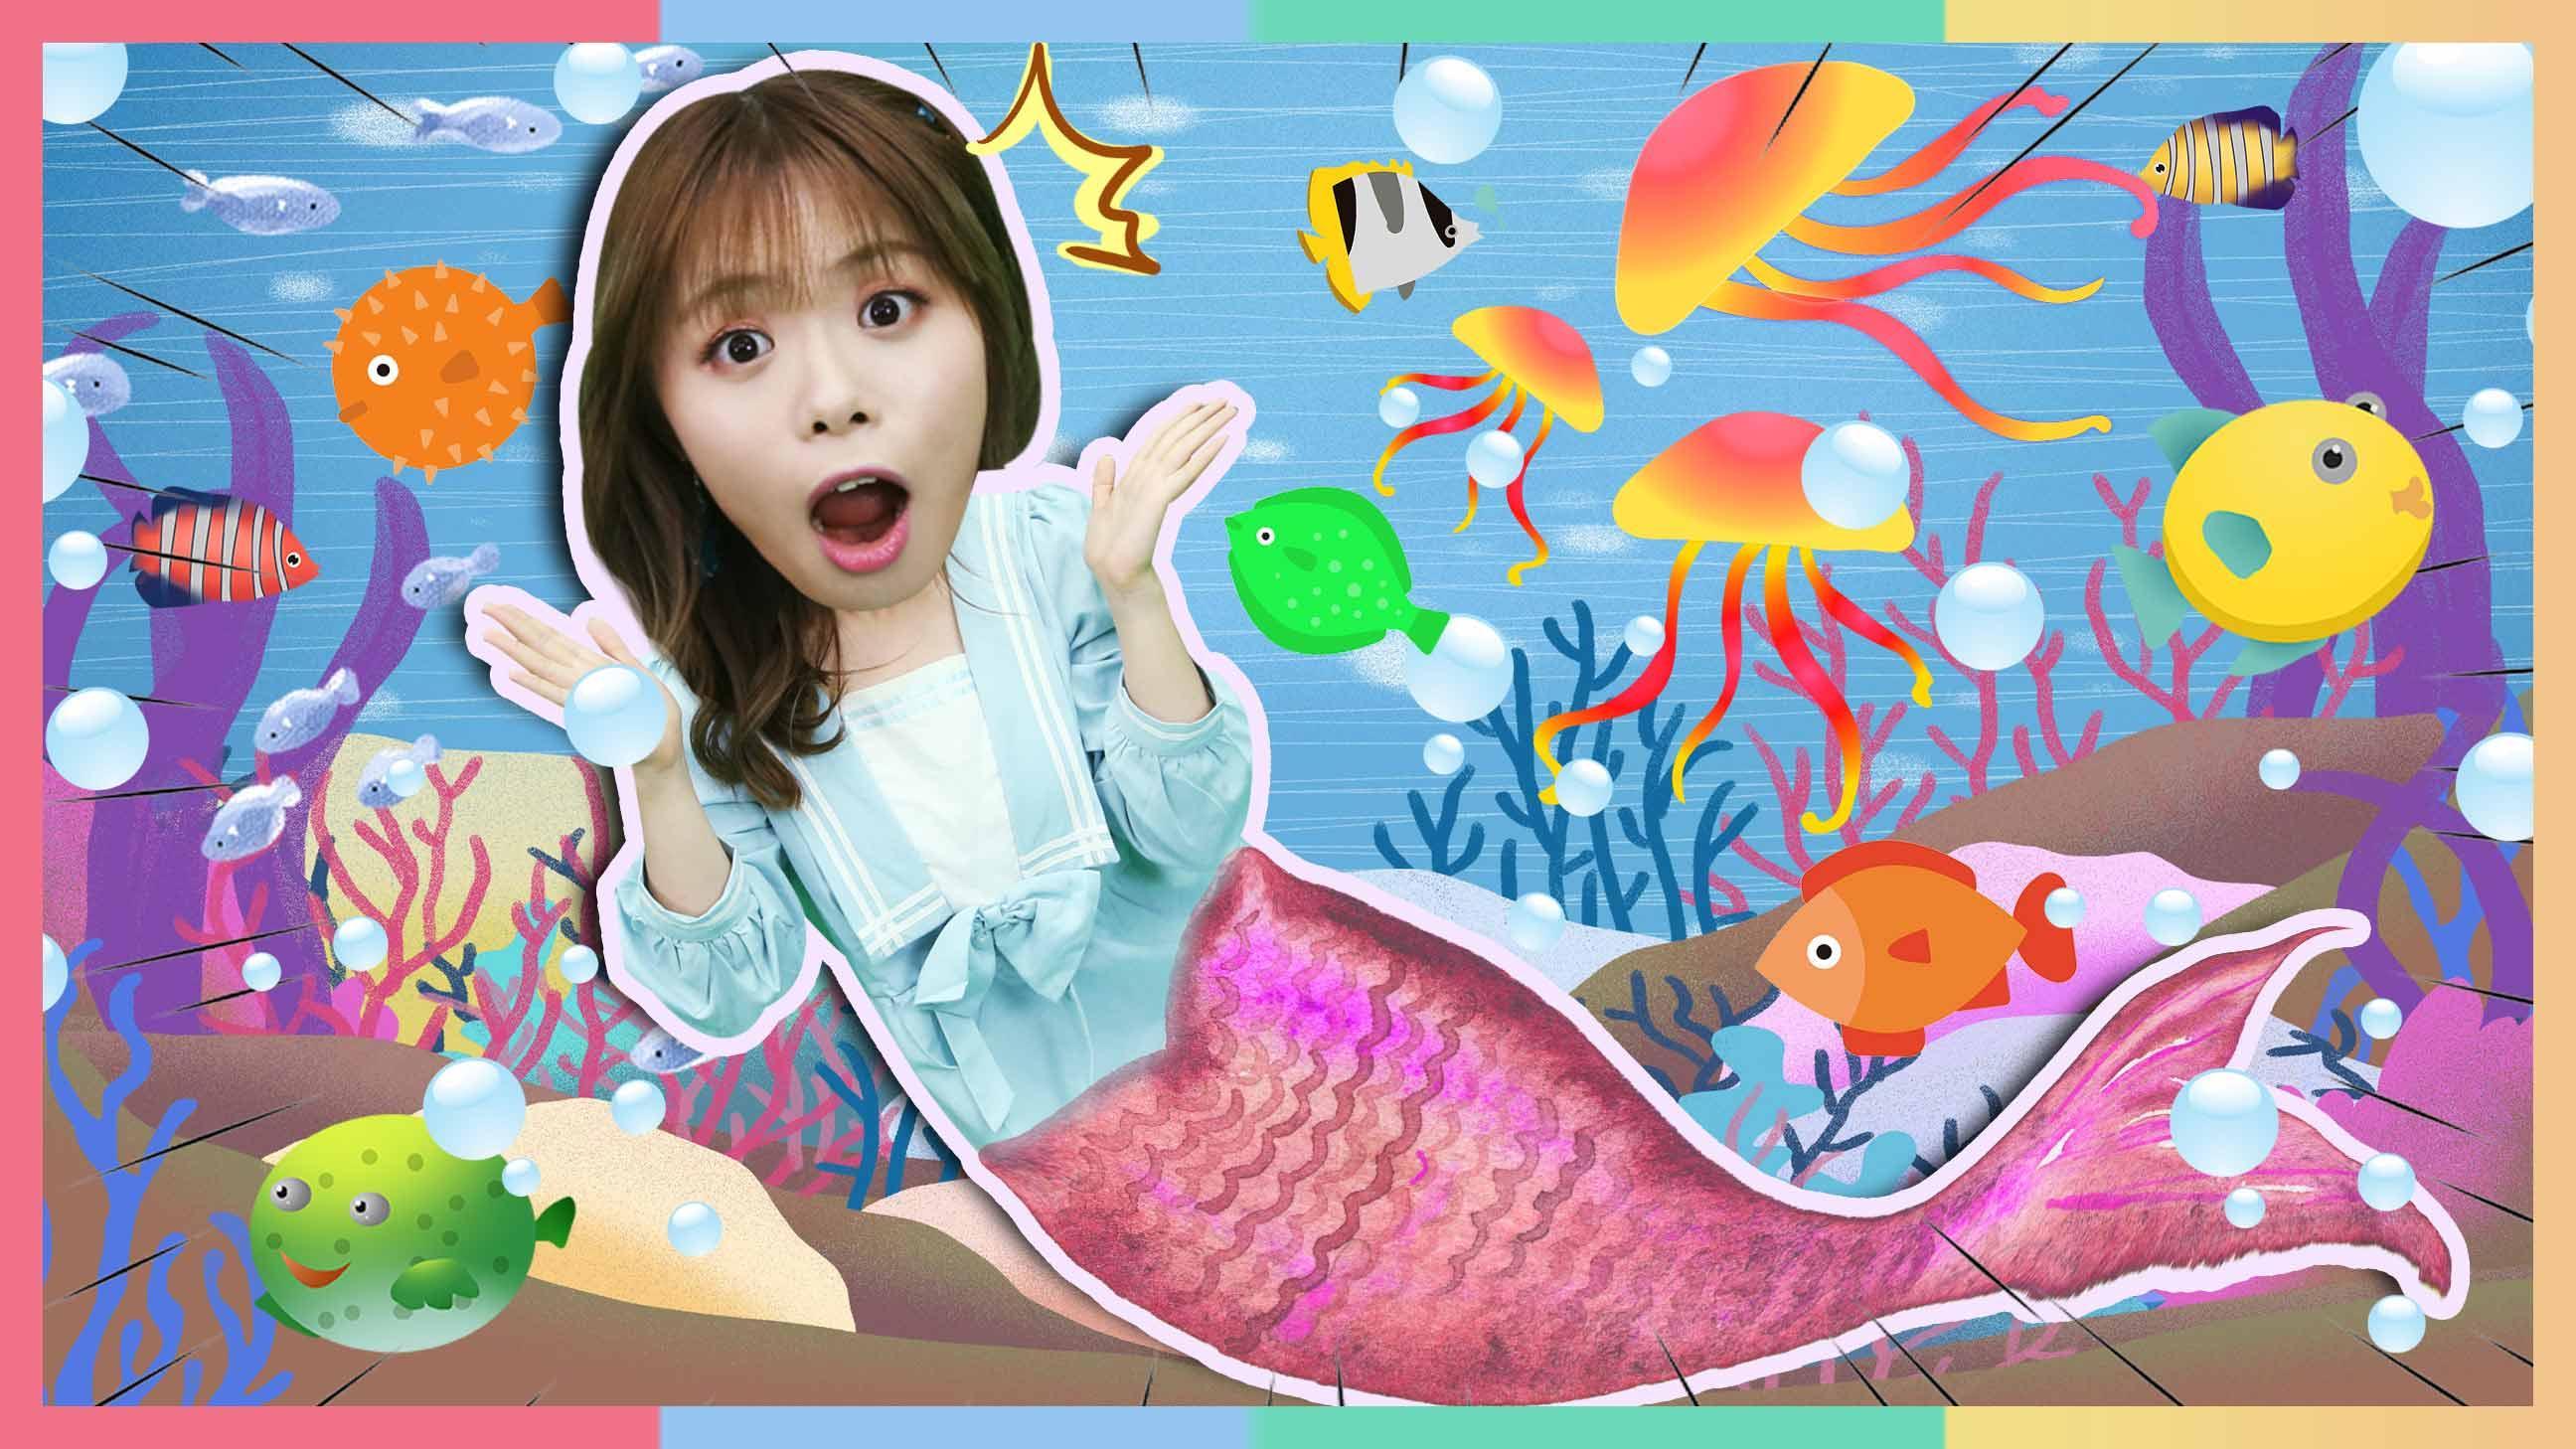 人鱼公主朱莉的海底一日游~和可爱的海洋动物们一起玩耍吧 | 凯利和玩具朋友们 CarrieAndToys